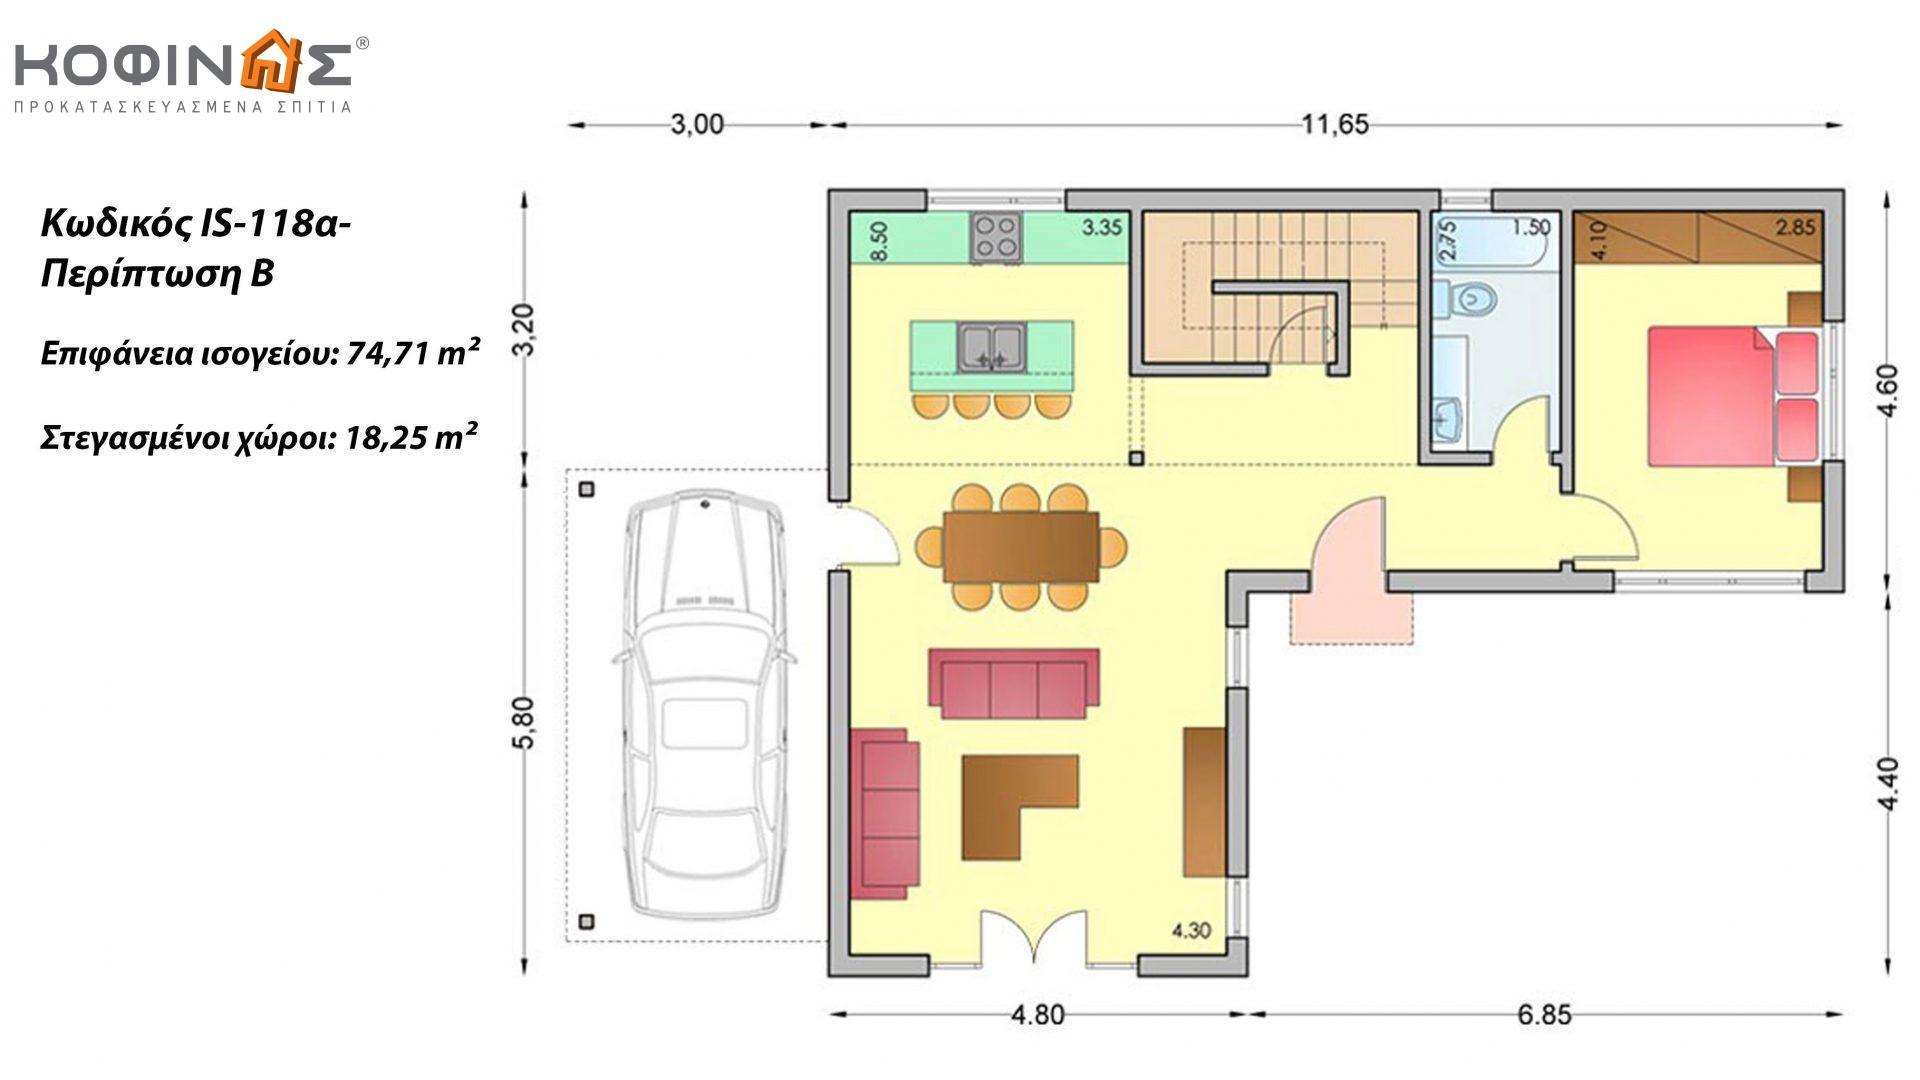 Ισόγεια Κατοικία με Σοφίτα IS-118α, συνολικής επιφάνειας 118,22 τ.μ. ,συνολική επιφάνεια στεγασμένων χώρων 18,25 τ.μ.